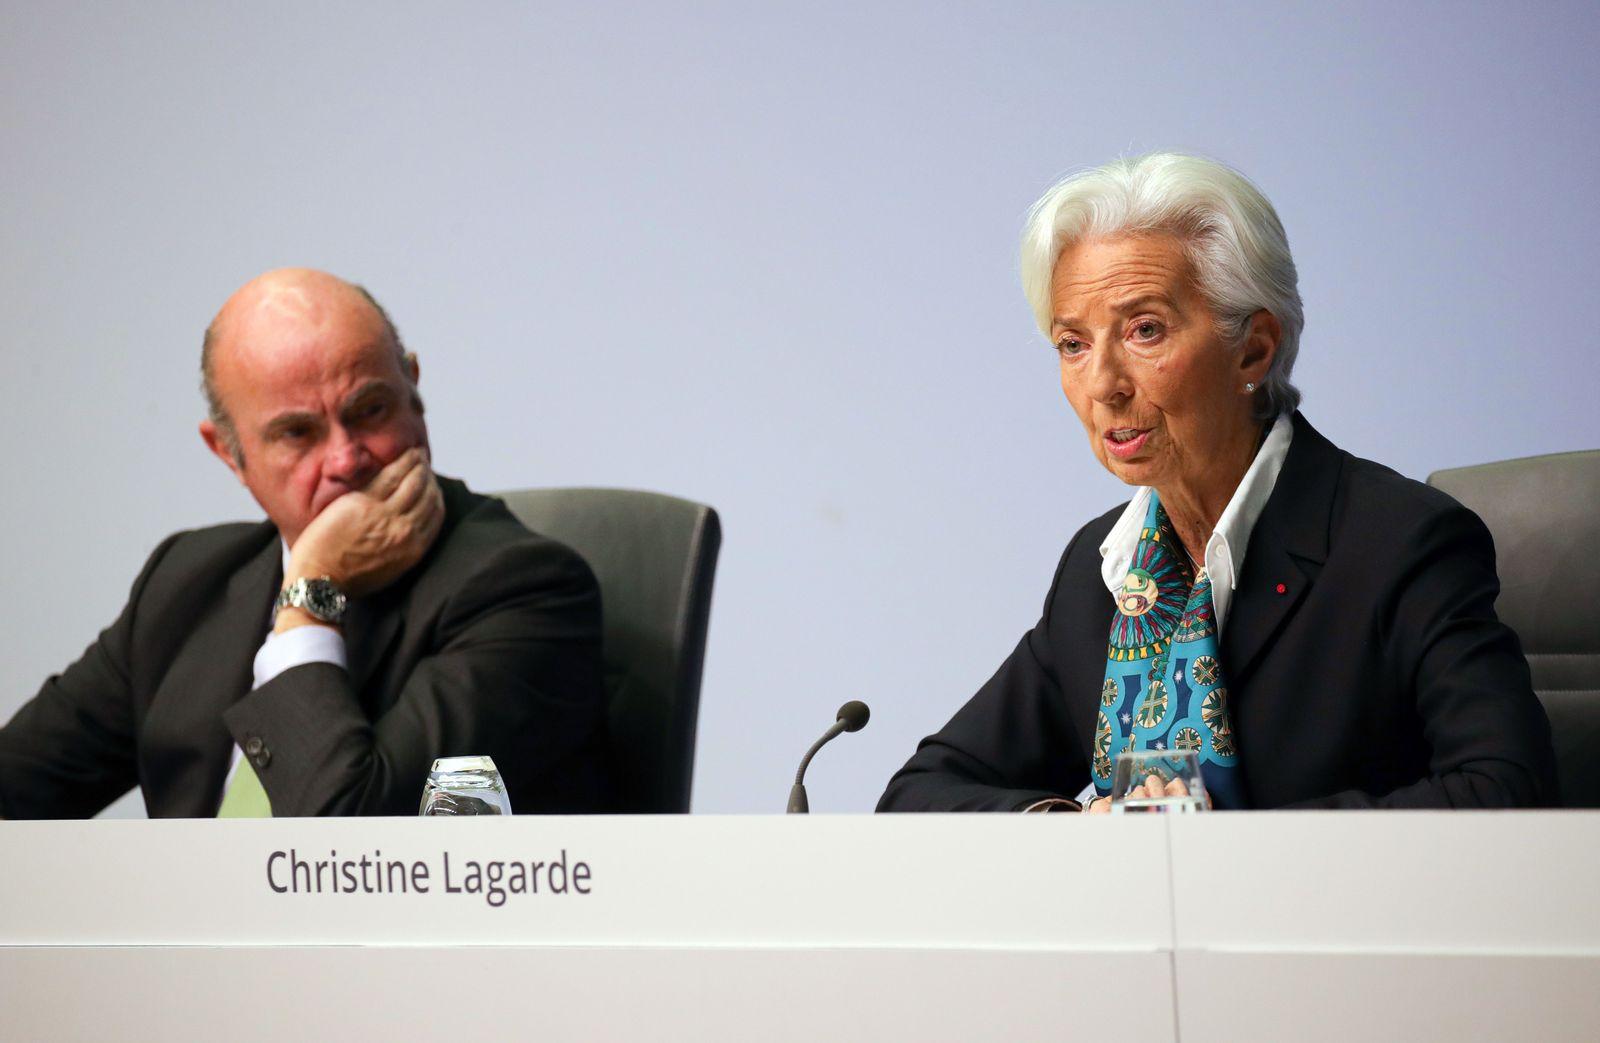 Luis de Guindos / Lagarde